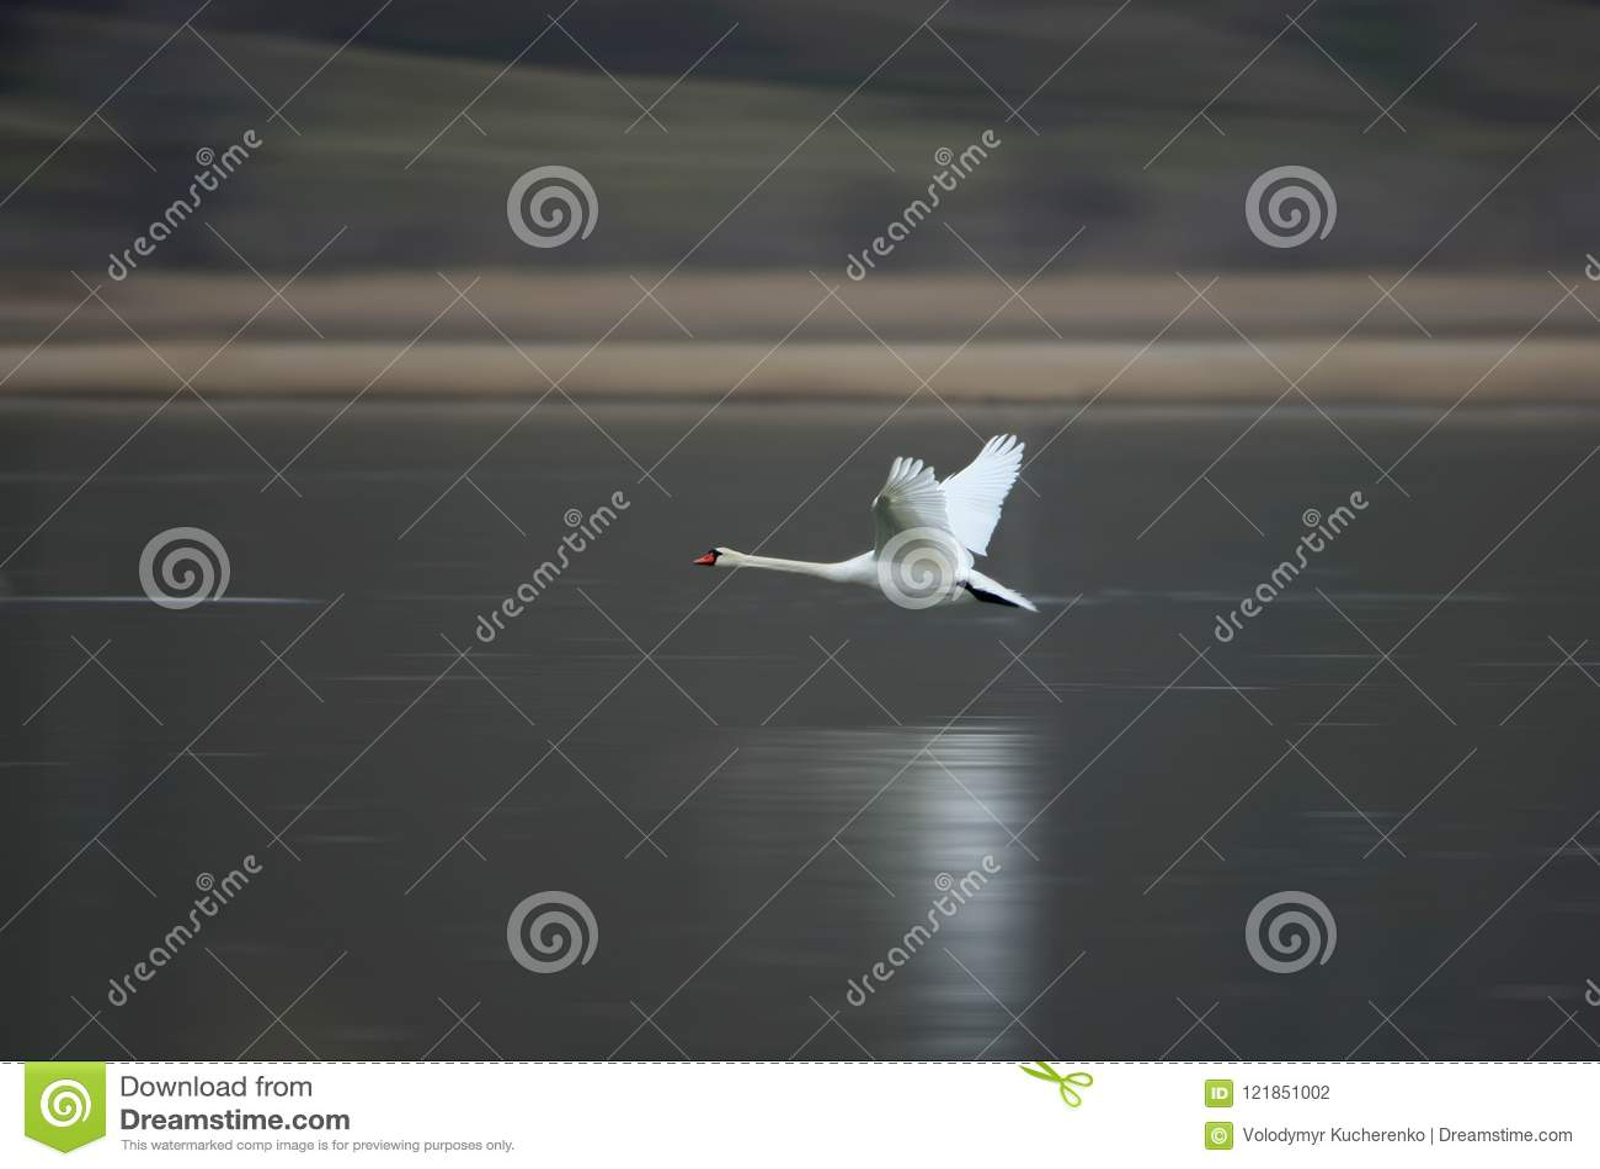 Ένας άσπρος κύκνος πετά γρήγορα πέρα από το παγωμένο νερό